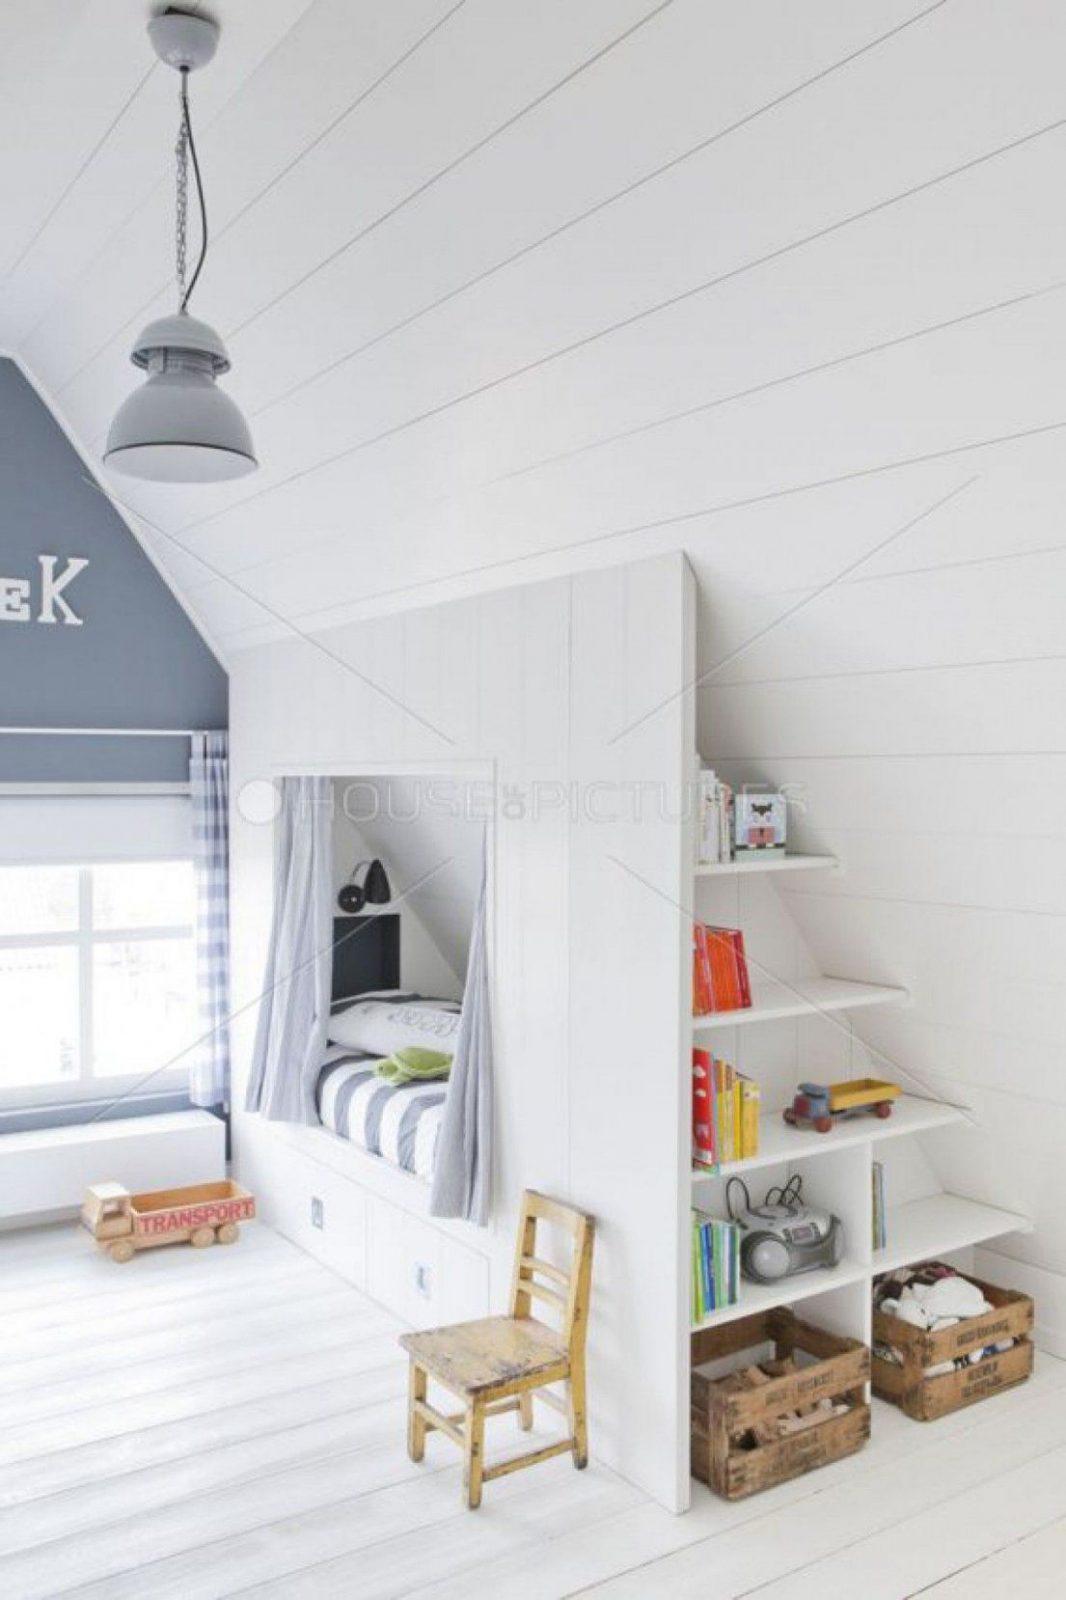 Schönes Helles Kinderzimmer Mit Dachschräge Tolle Idee Für Eine von Kleines Kinderzimmer Mit Dachschräge Bild